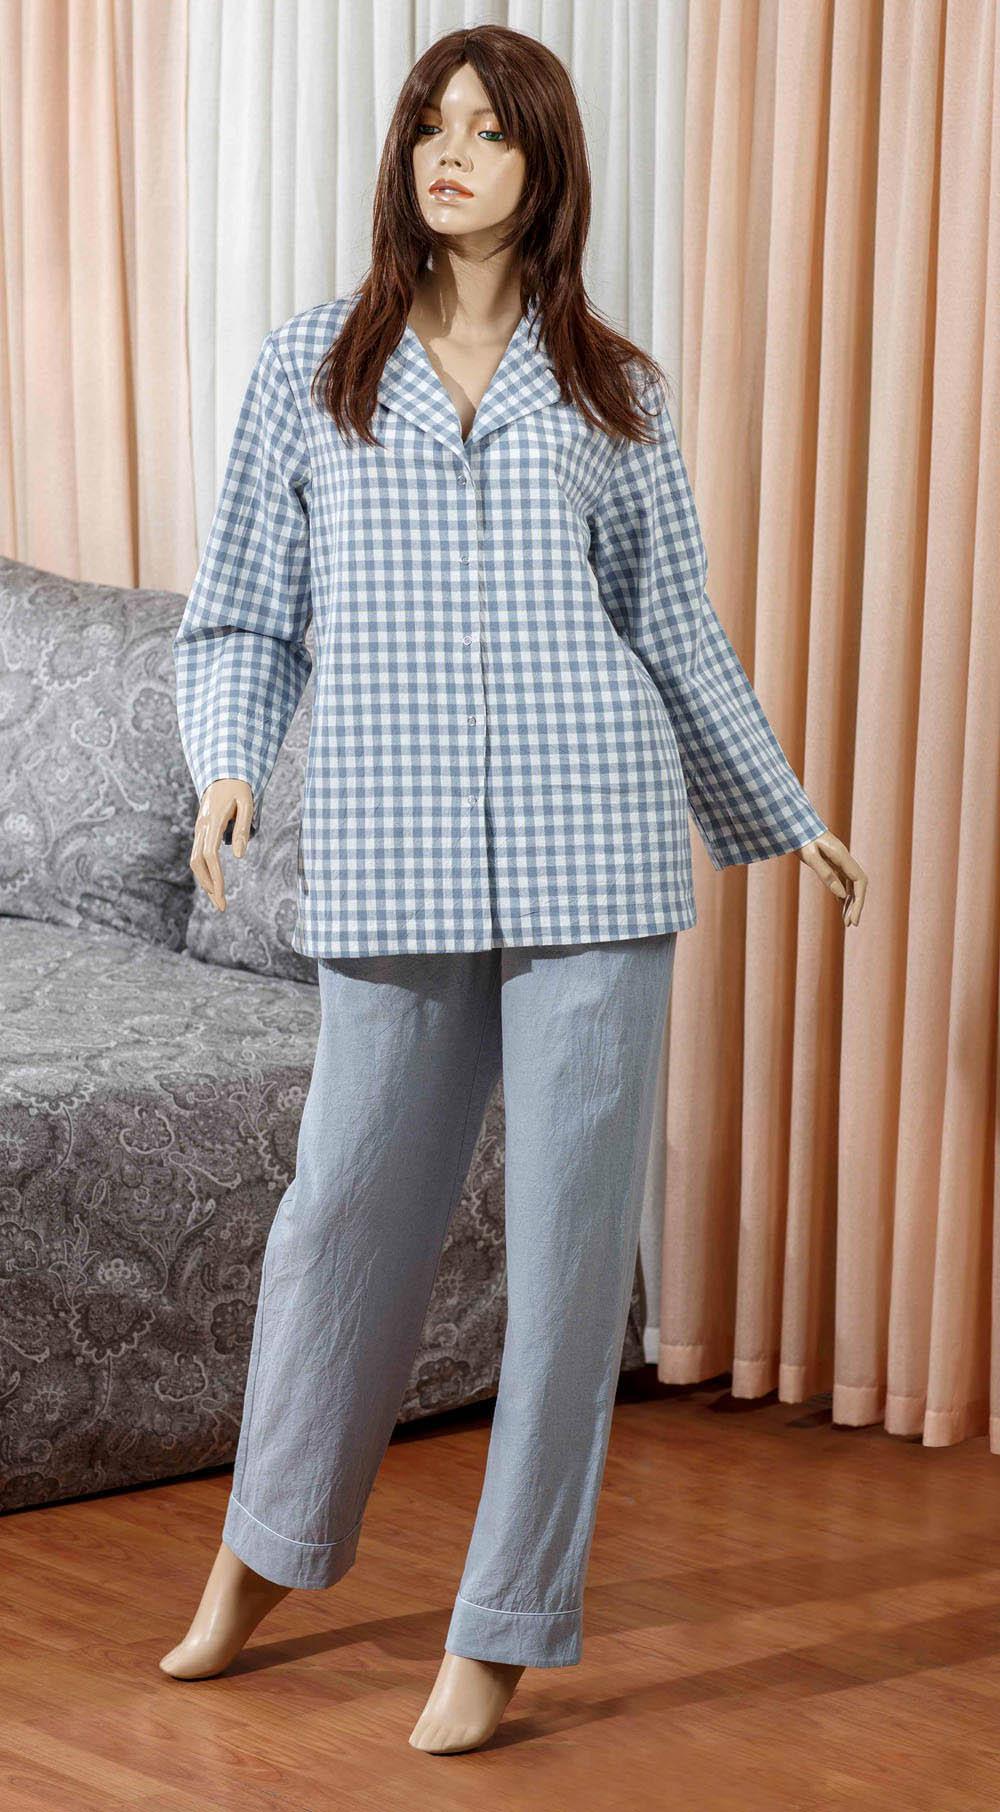 Ночные сорочки Primavelle Ночная сорочка Vera Цвет: Голубой (L-xL) ночные сорочки linse ночная сорочка